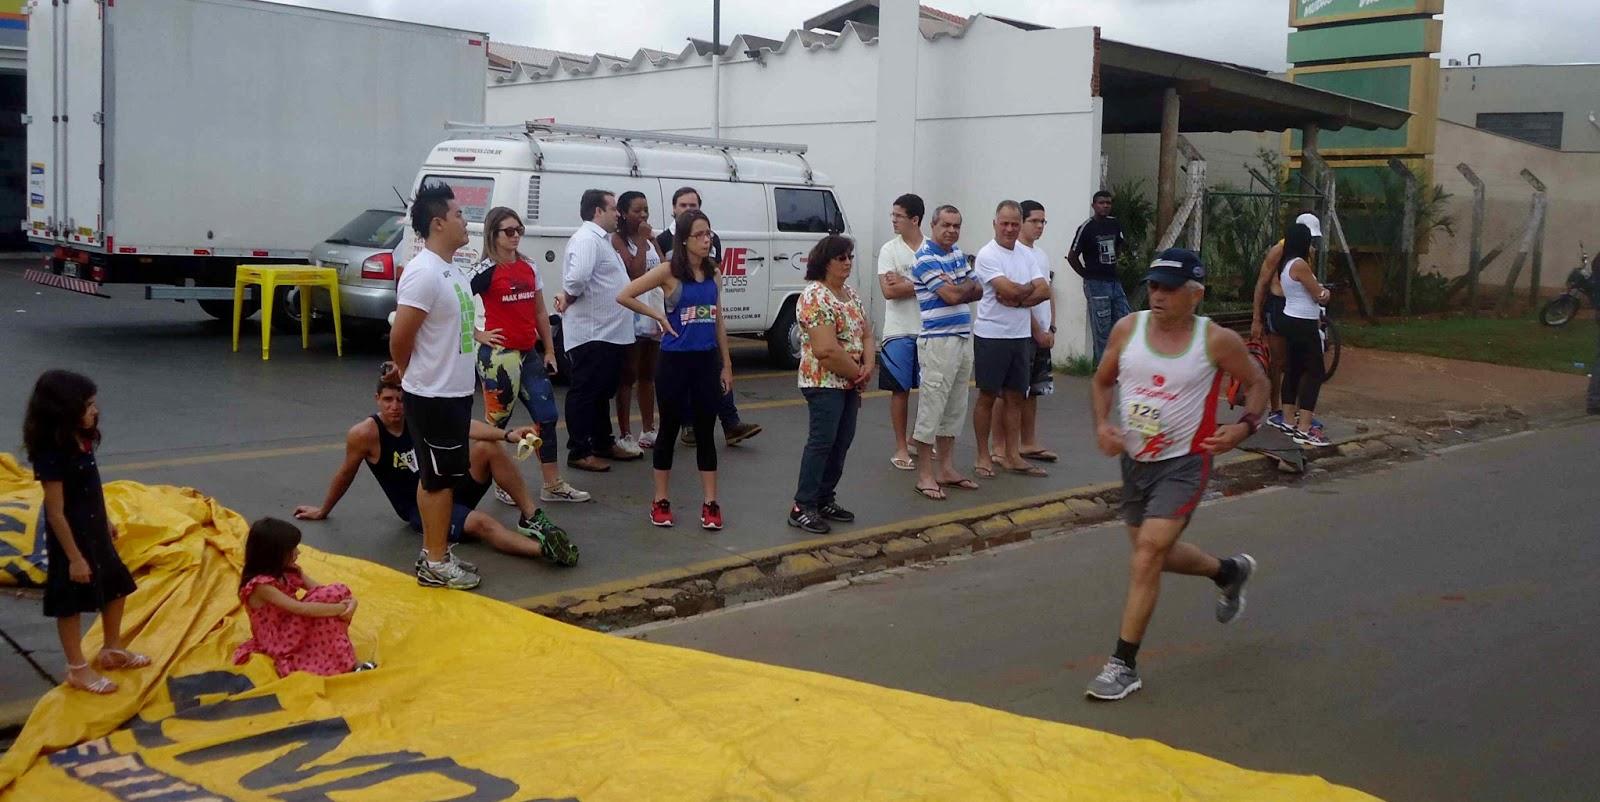 Foto 129 da 1ª Corrida Av. dos Coqueiros em Barretos-SP 14/04/2013 – Atletas cruzando a linha de chegada